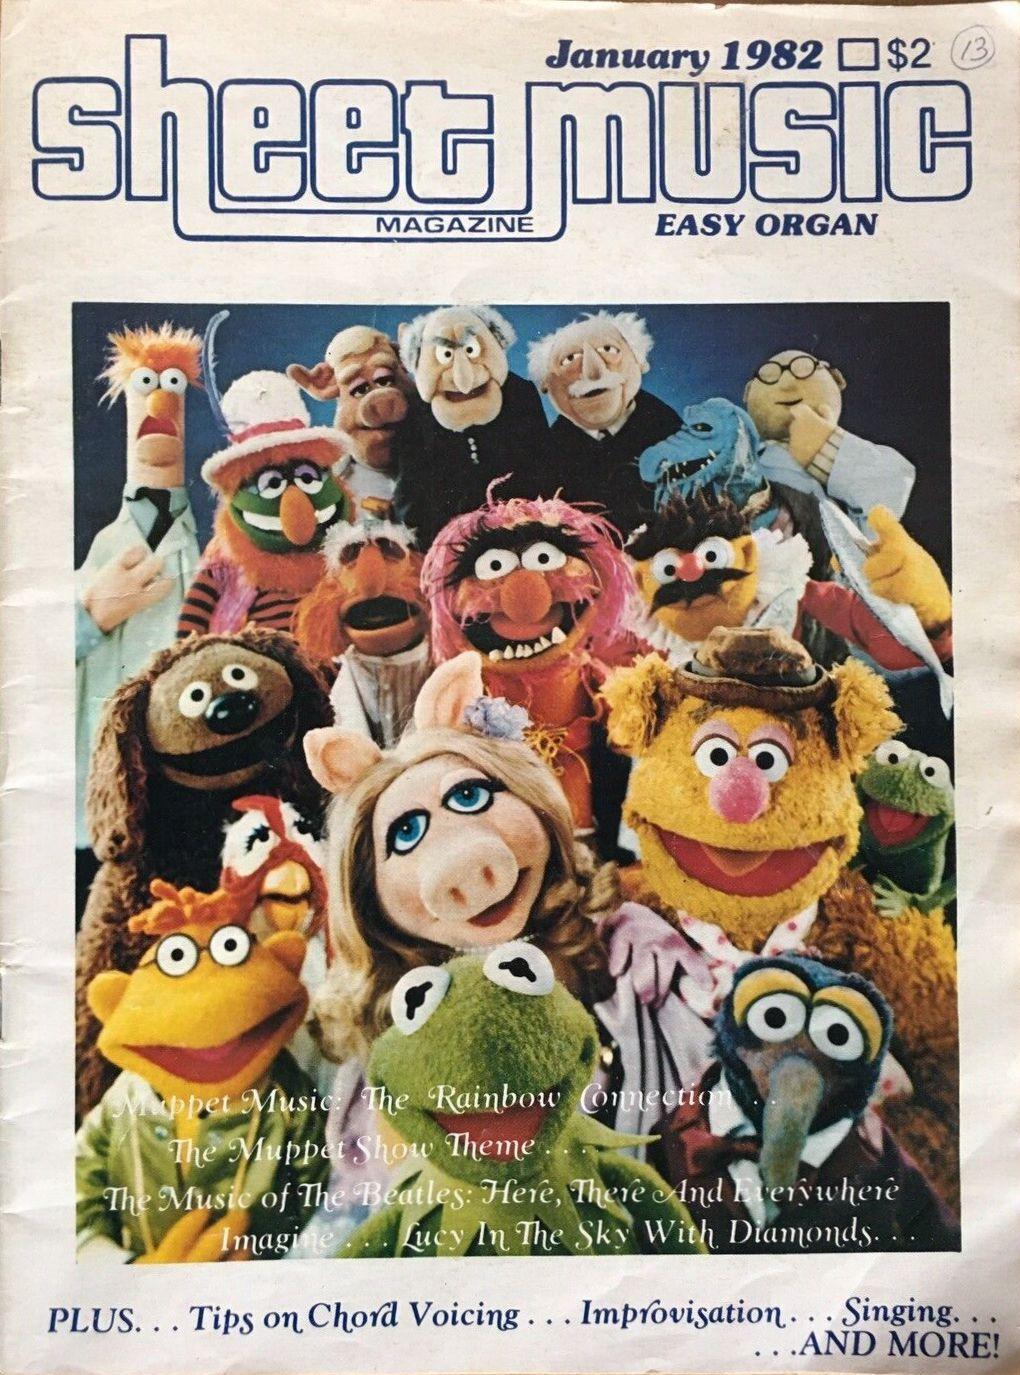 SheetMusicJanuary1982